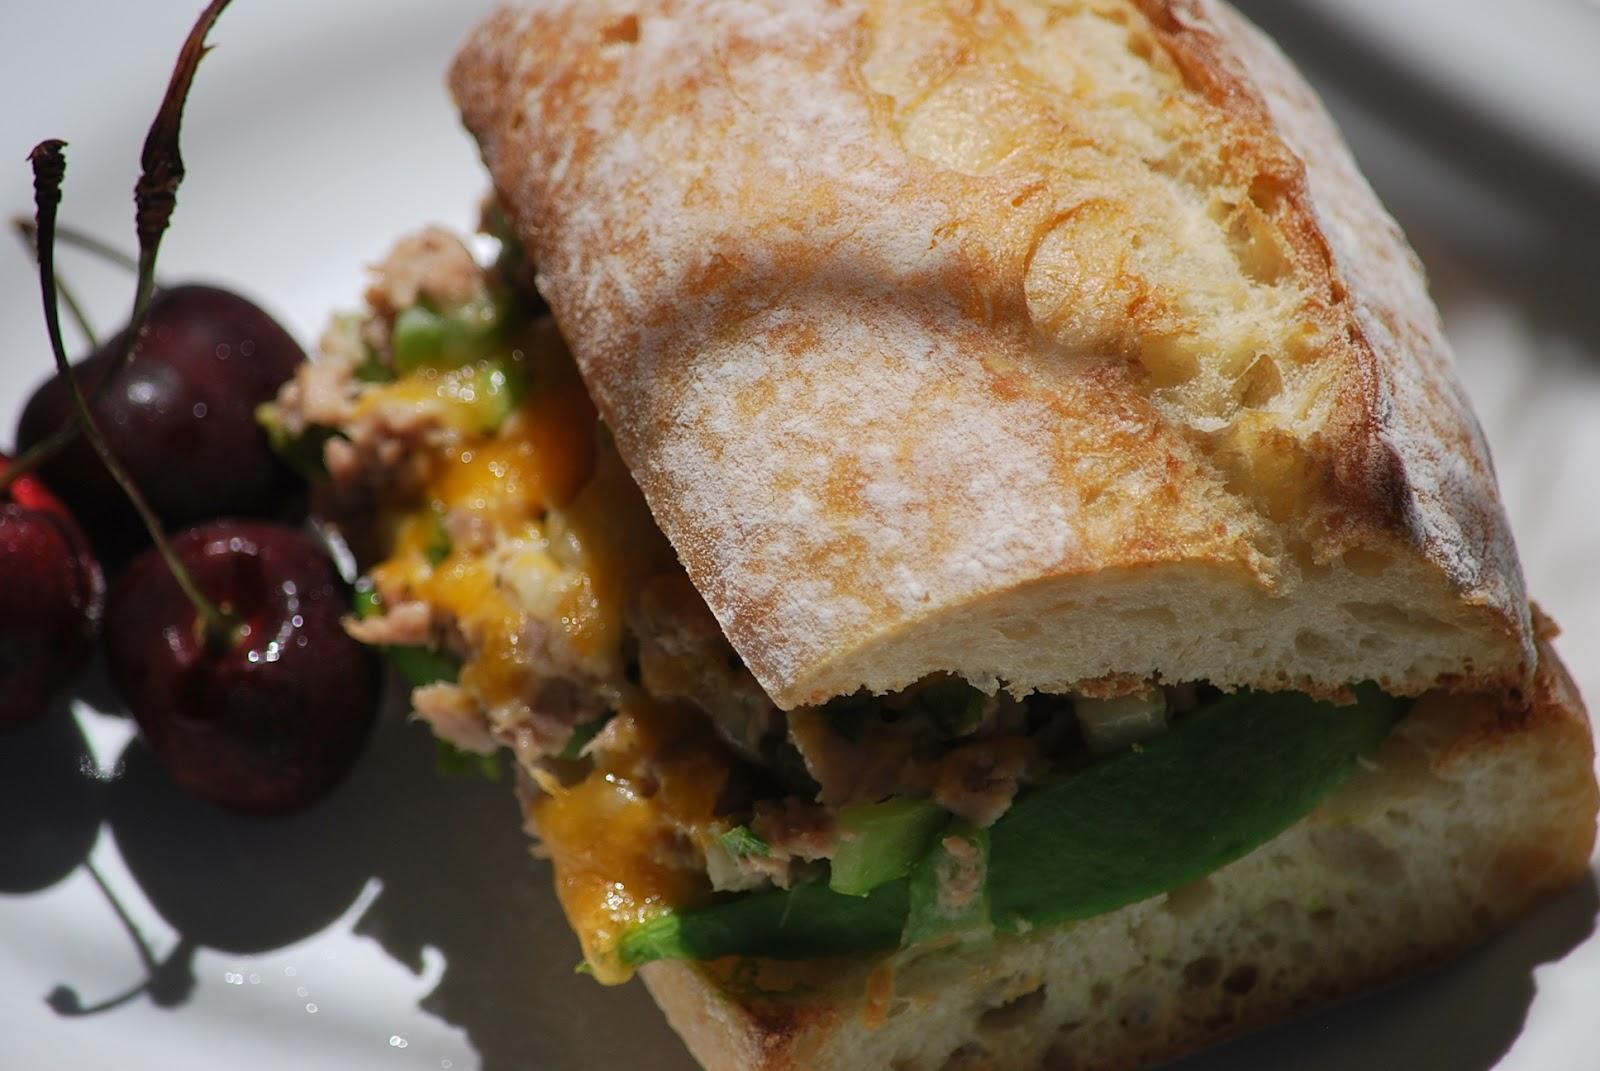 My story in recipes: Tuna Melt